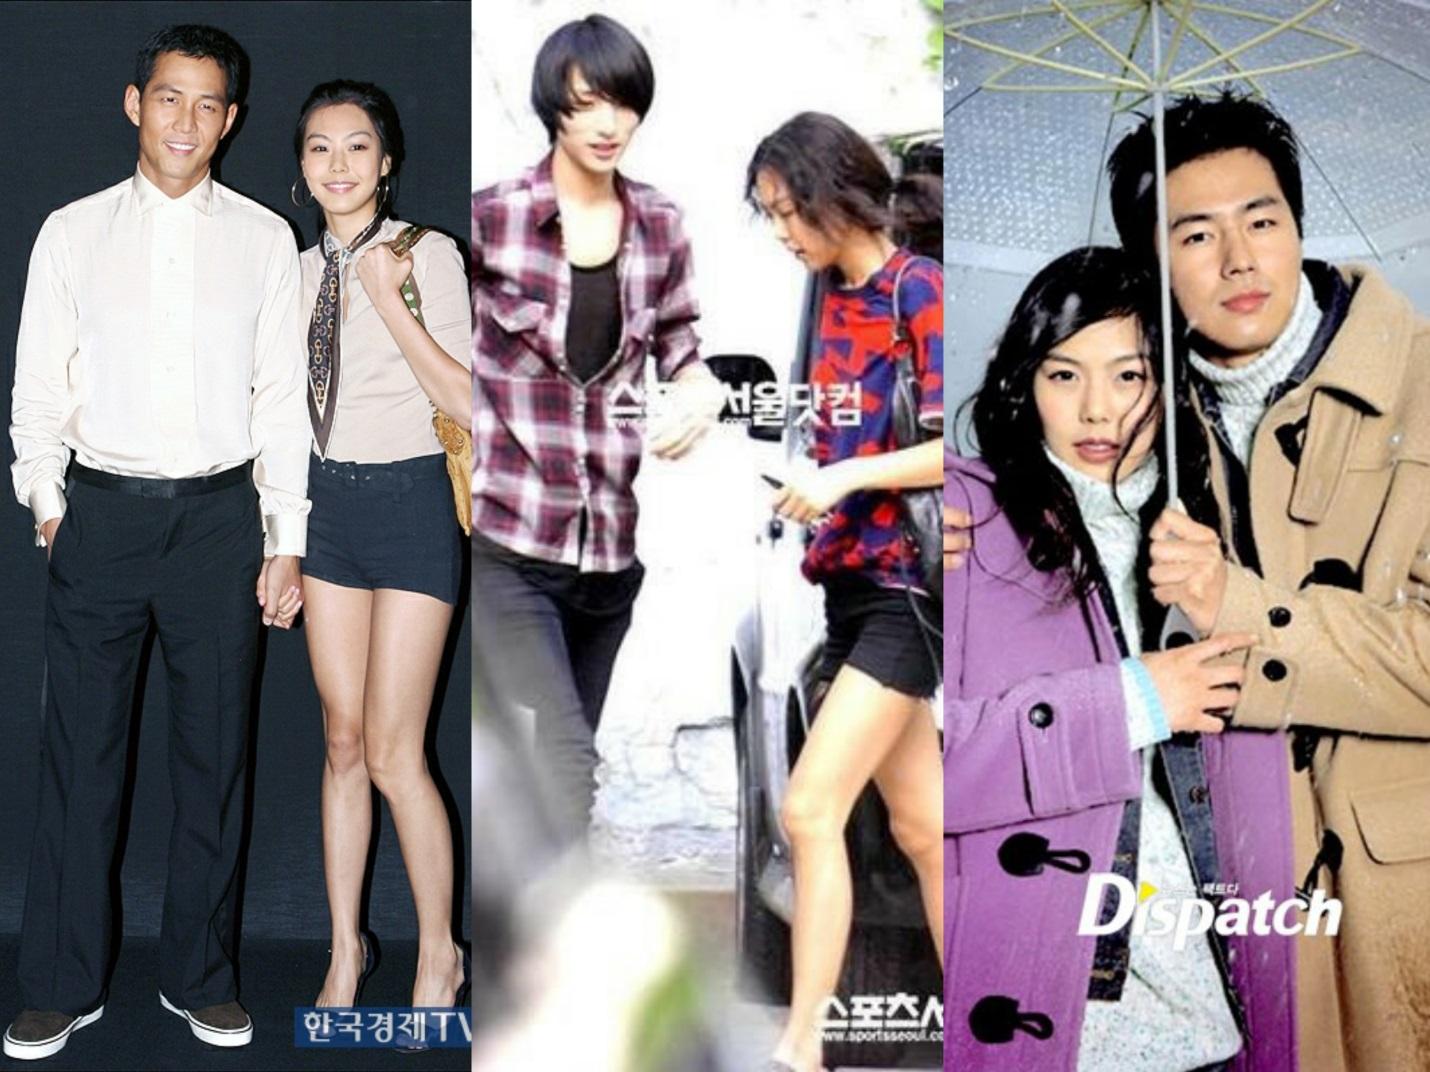 """3 sao nữ hạng A """"sát trai"""" nhất Hàn Quốc: Chênh lệch đẳng cấp từ nhan sắc cho tới tài sản! - Ảnh 6."""